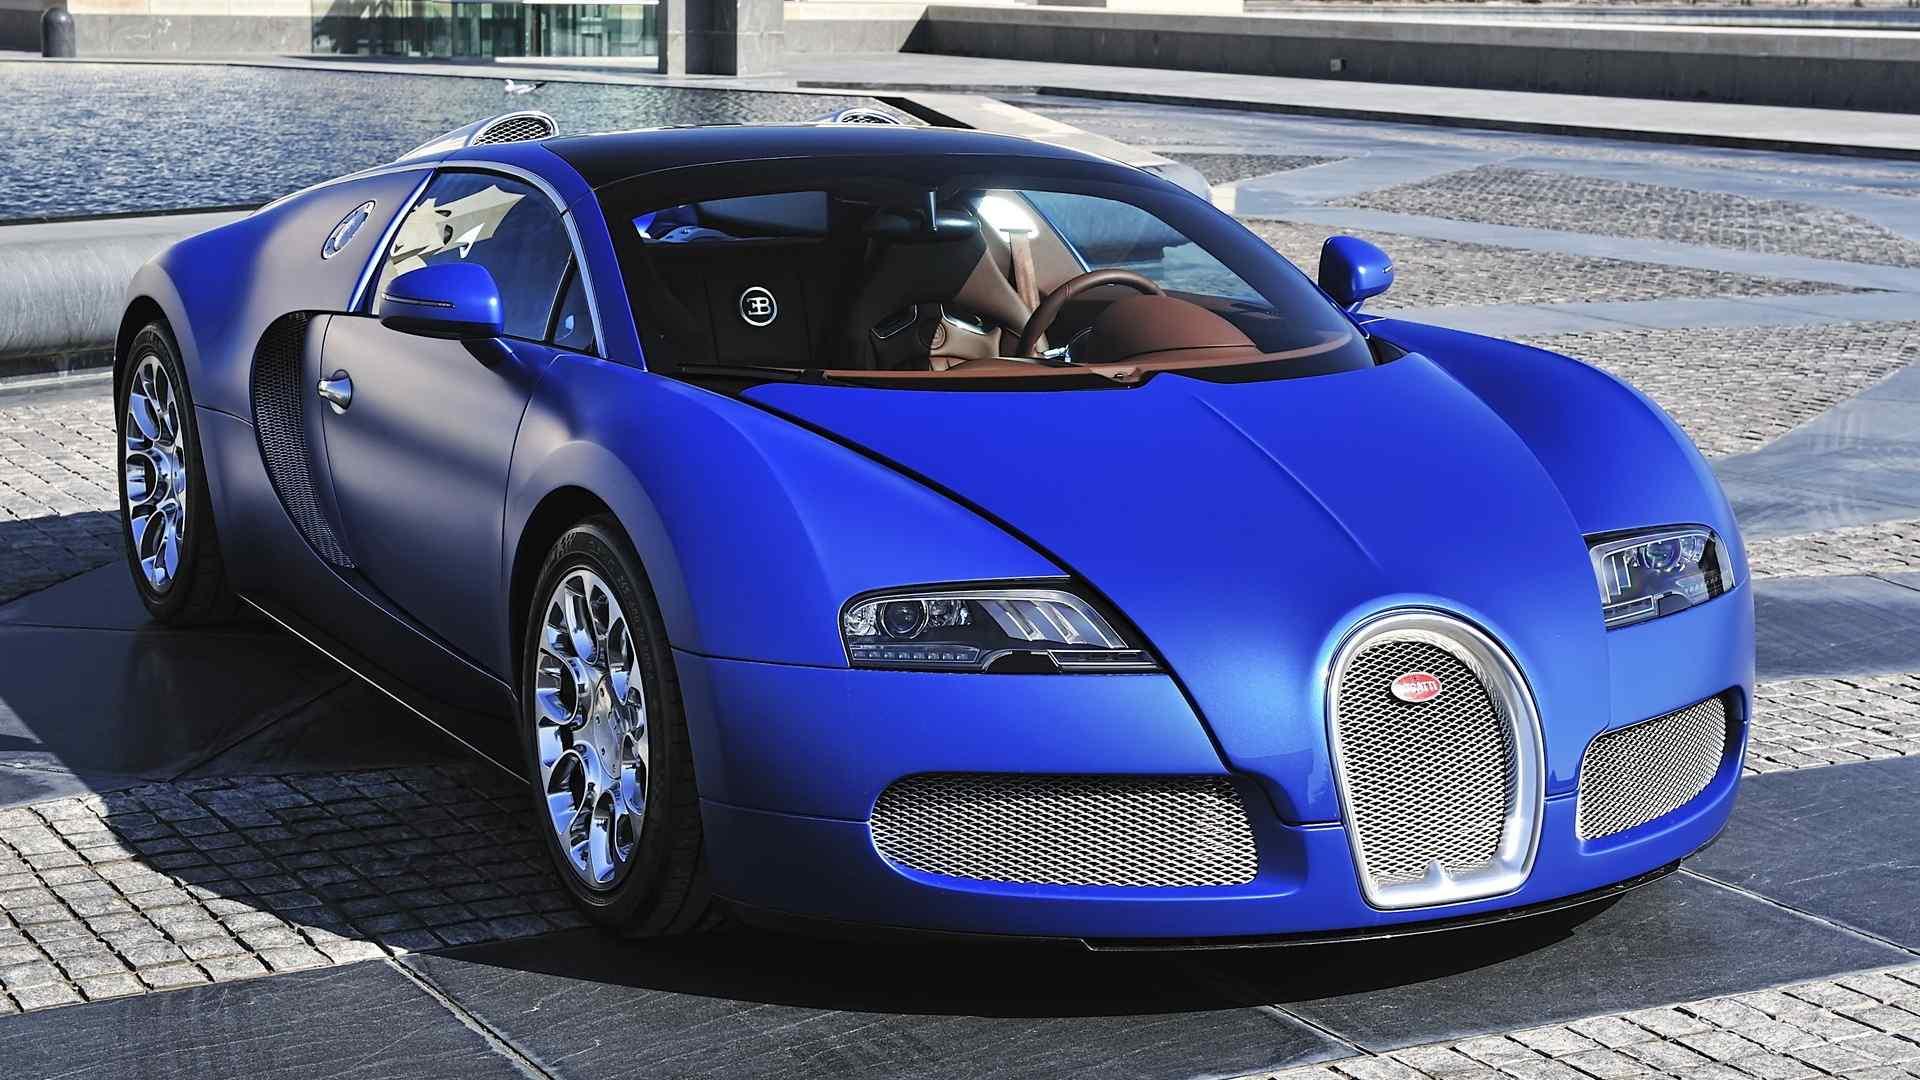 酷炫跑车蓝色布加迪威龙高清图片汽车桌面壁纸